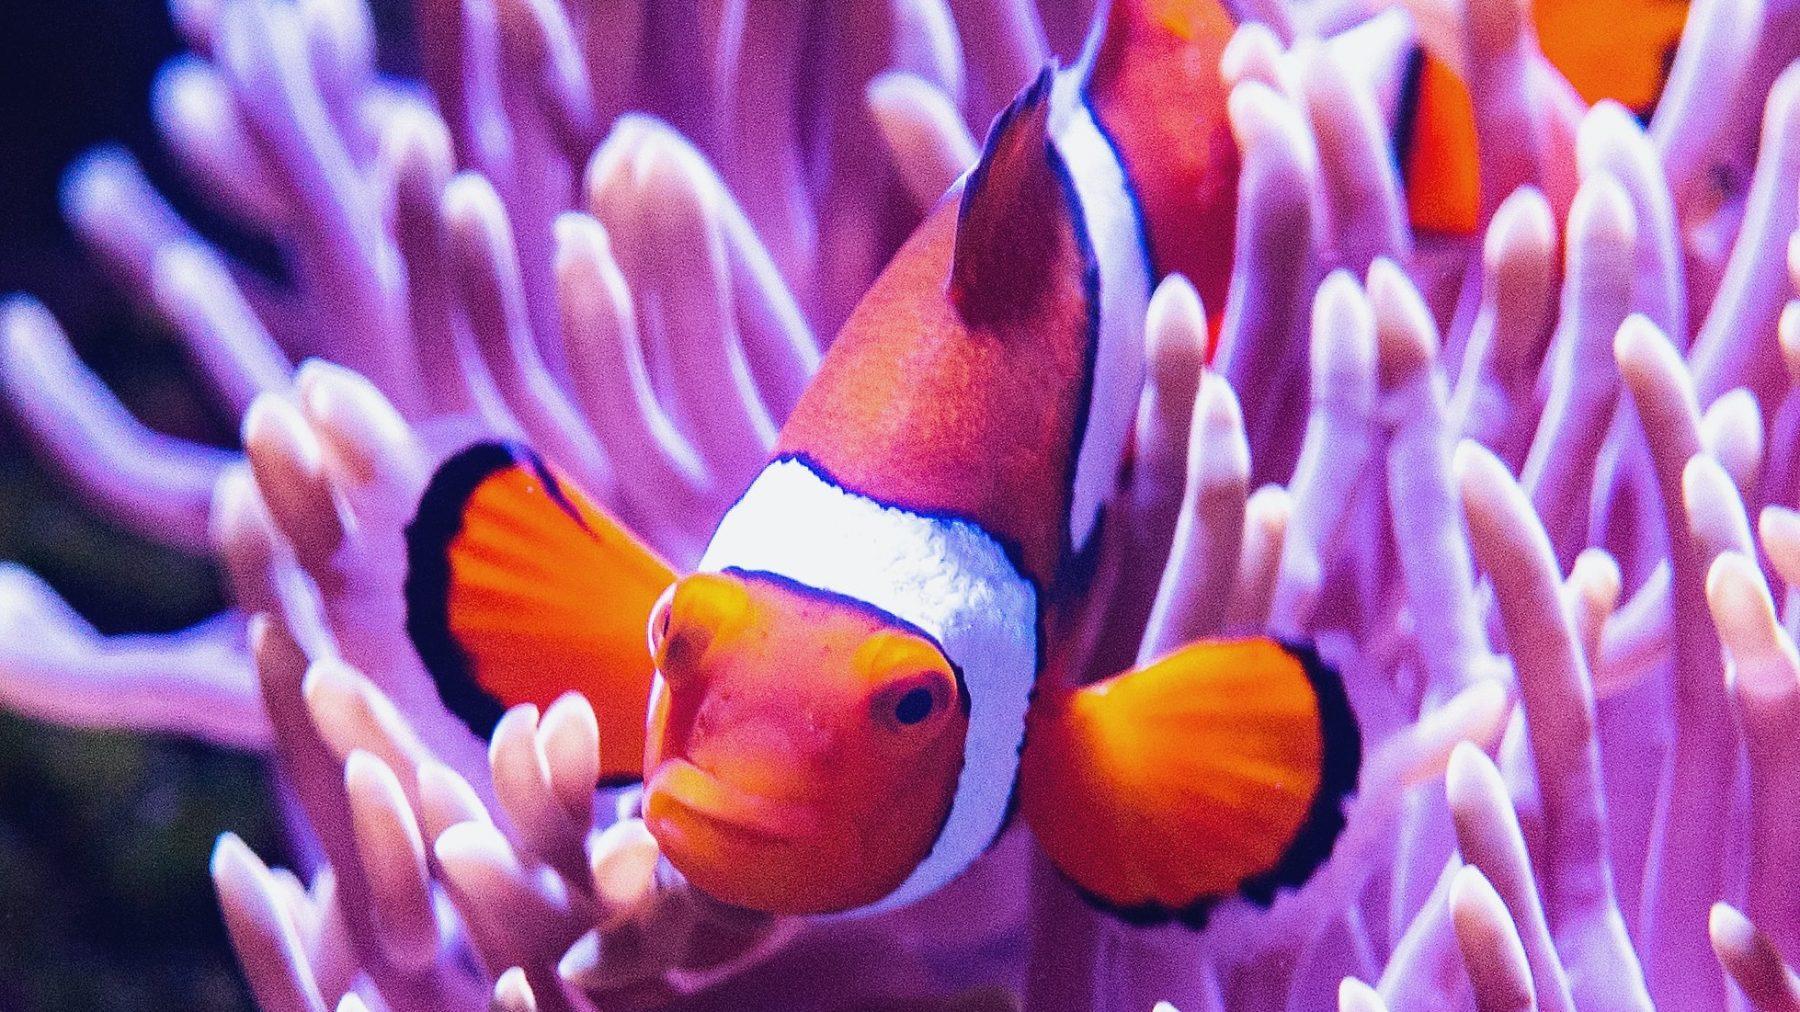 Goed nieuws voor Nemo: koraalrif van 500 meter ontdekt in Australië